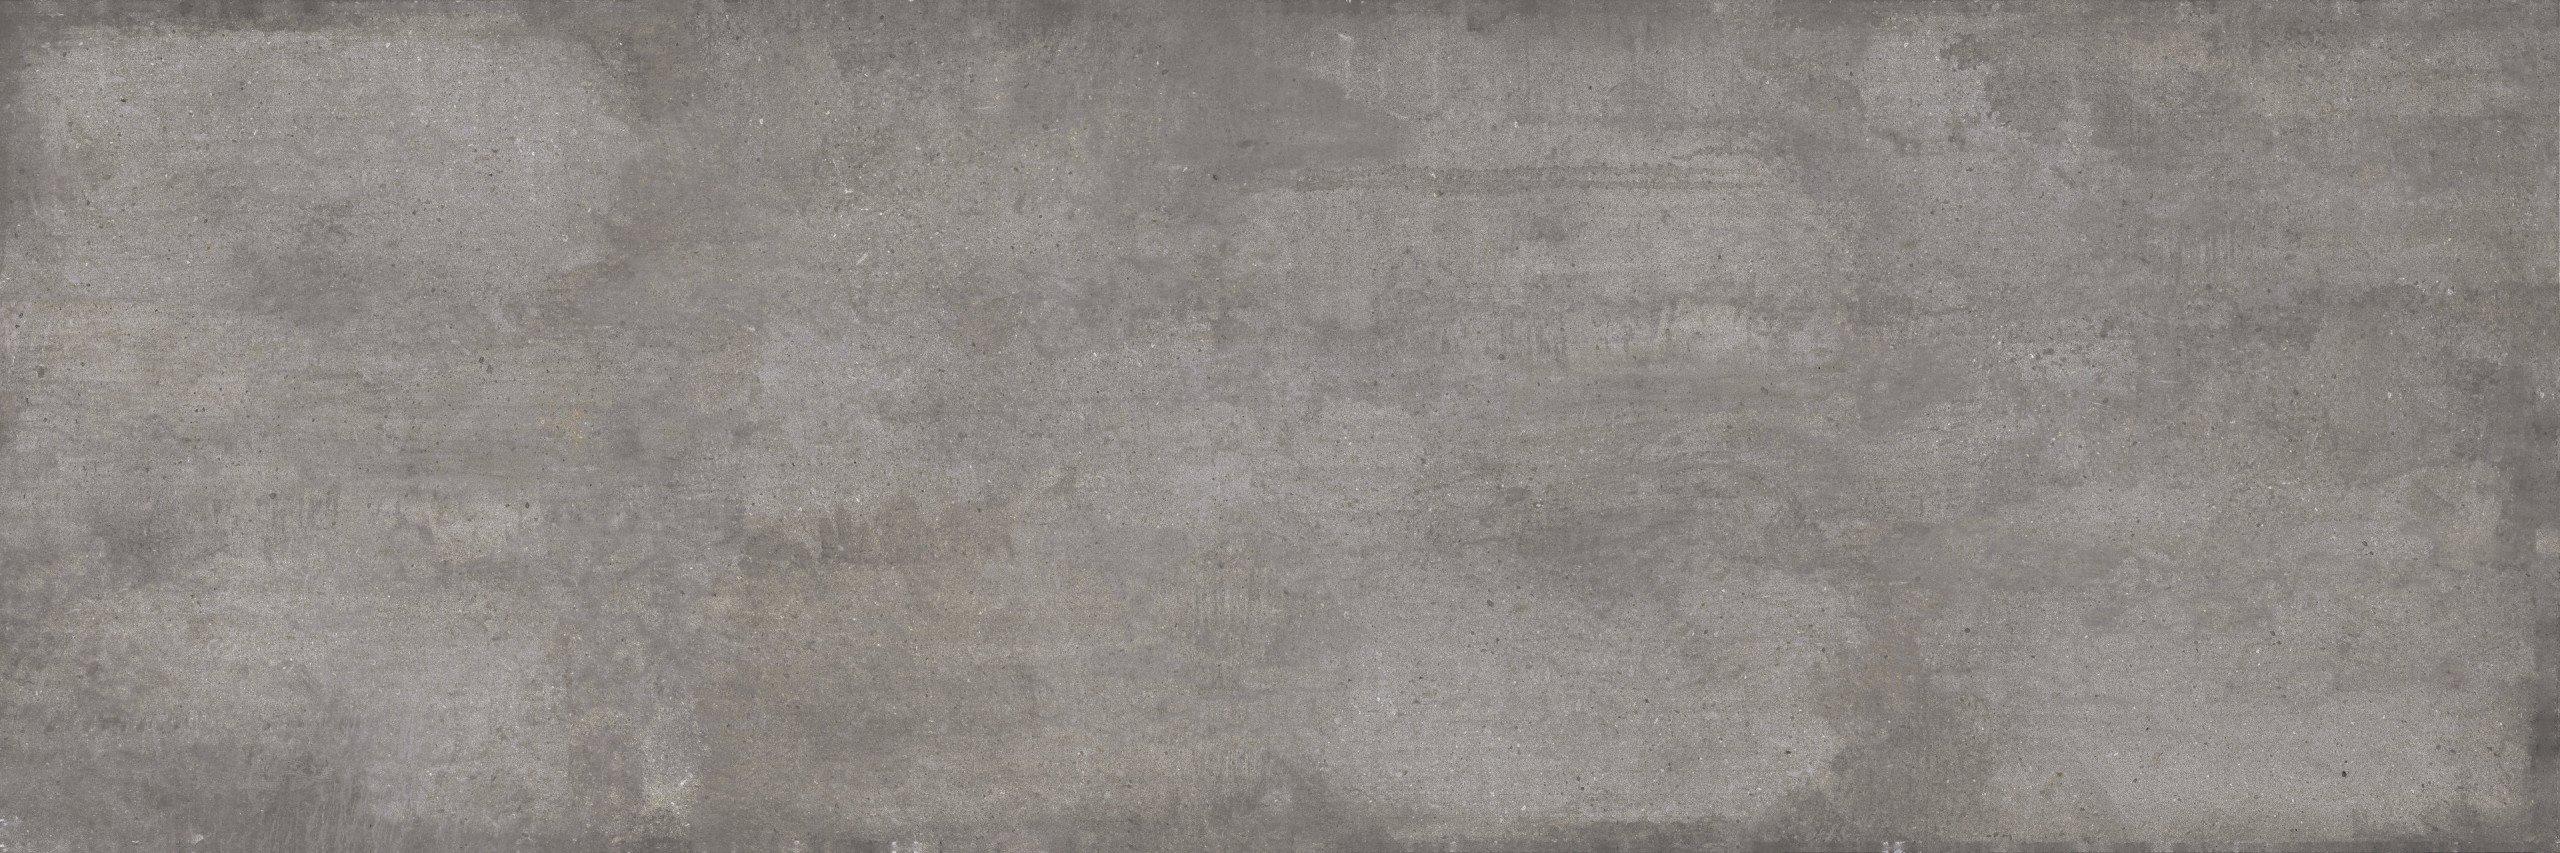 Silene Stone Grey